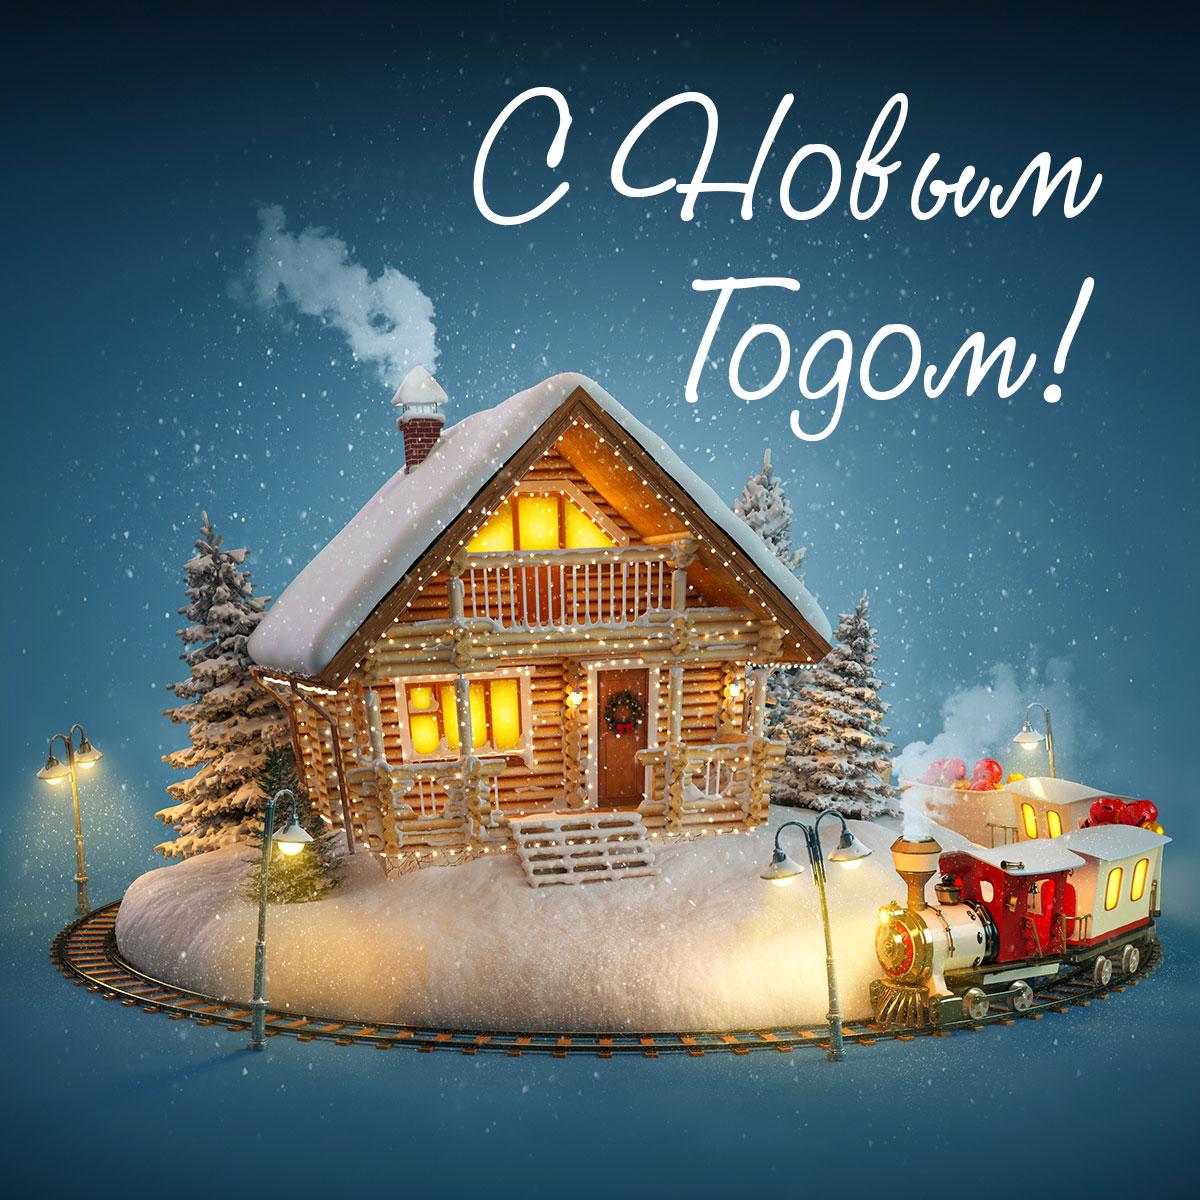 Дом с ёлками в снегу, вокруг которого едет поезд с подарками.